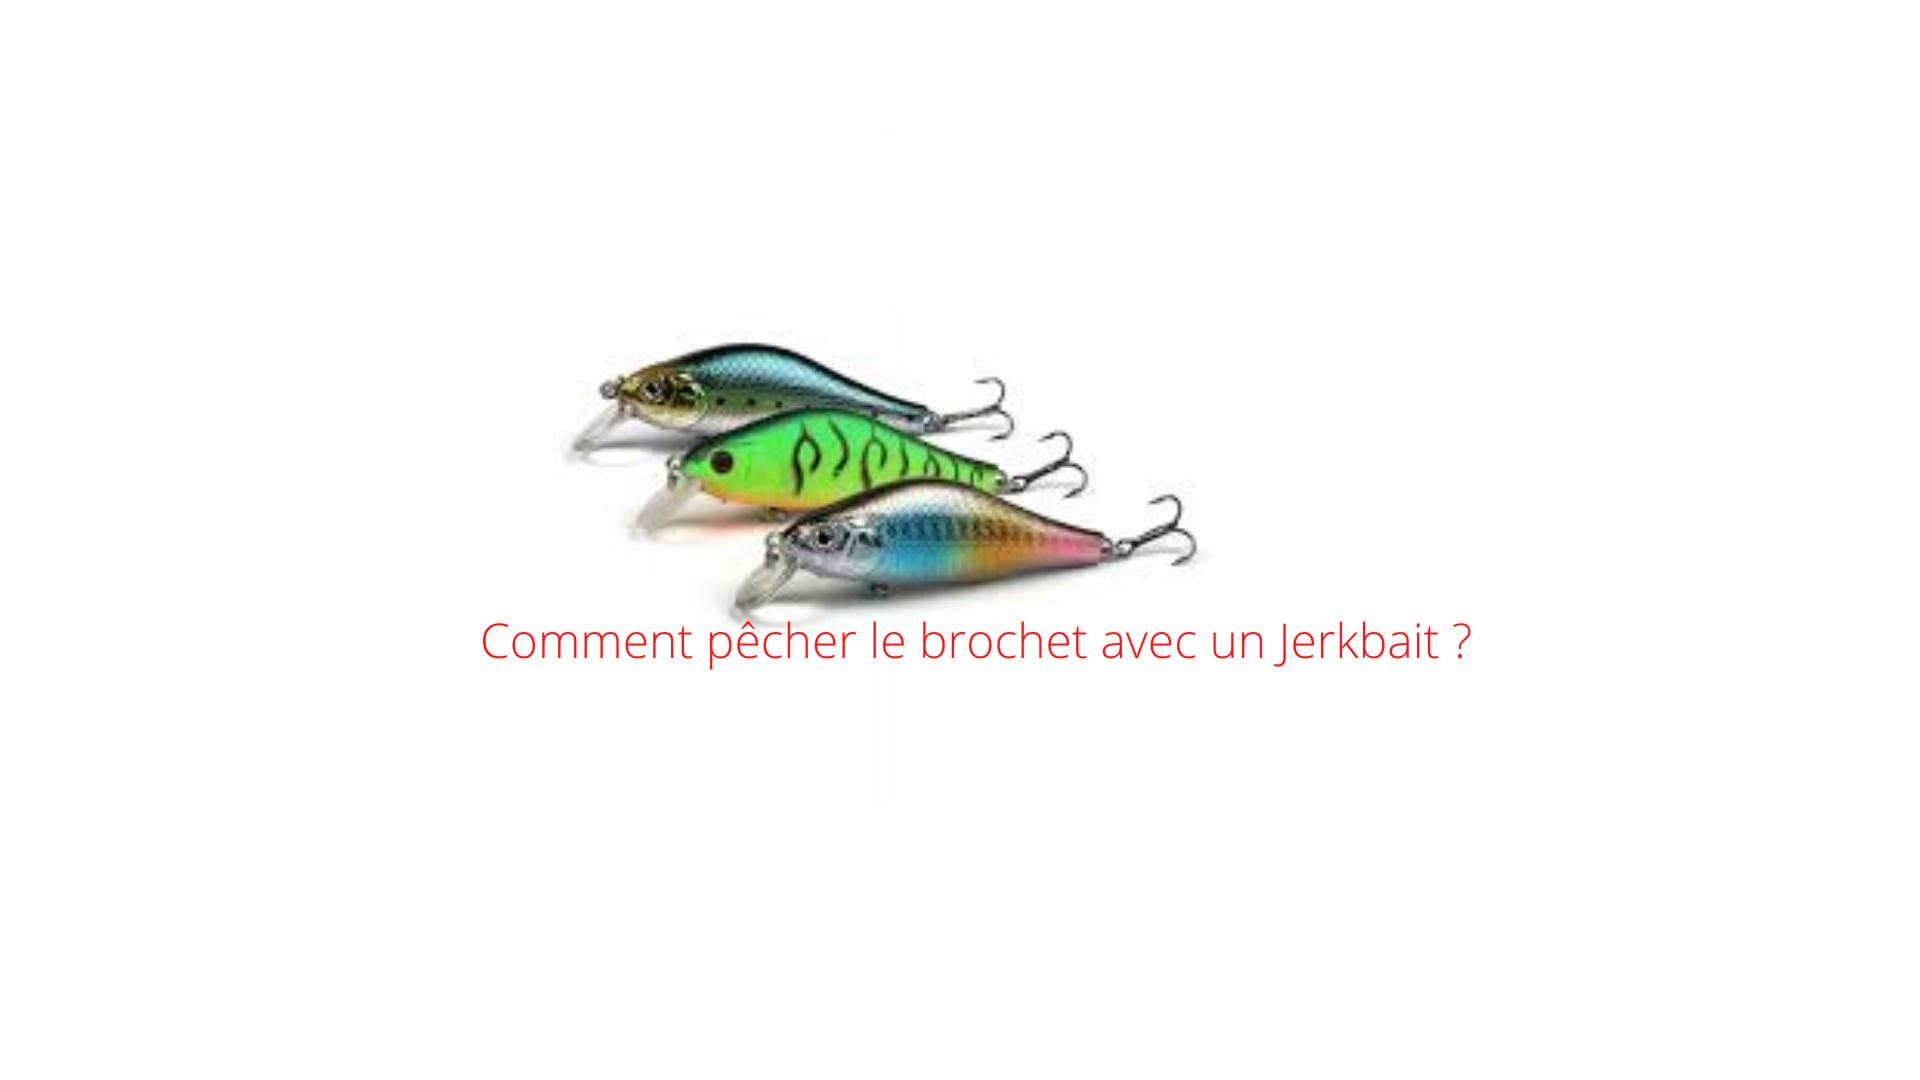 pêcher le brochet avec un Jerkbait